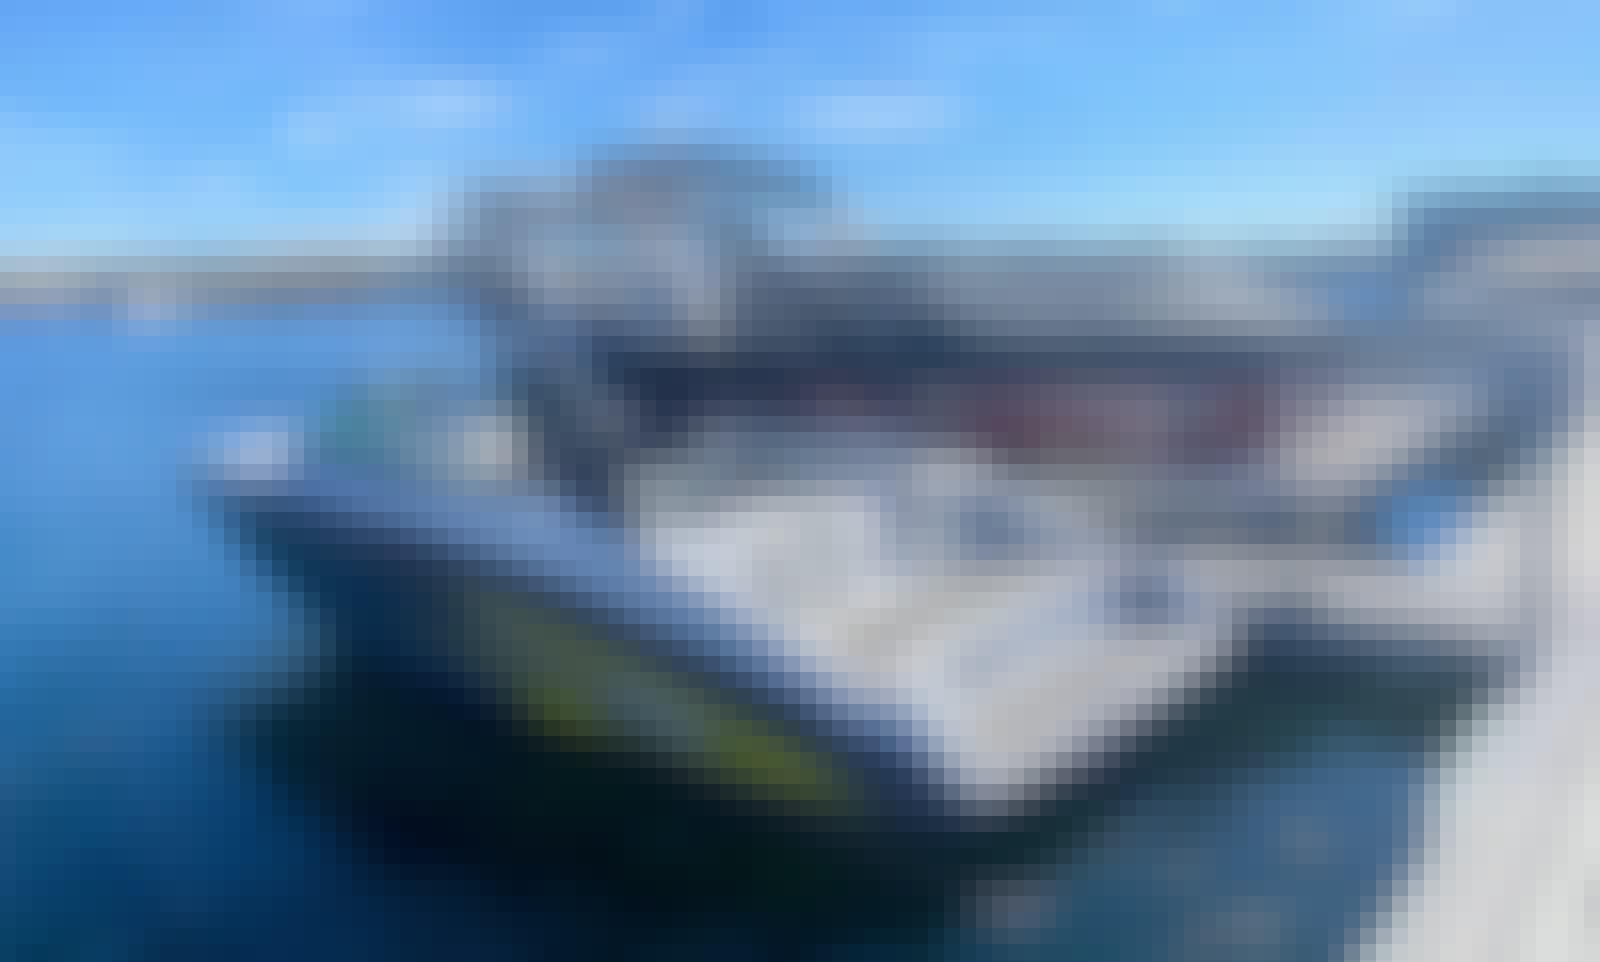 19' Yamaha AR192 Jet boat for rent at Pueblo Reservoir